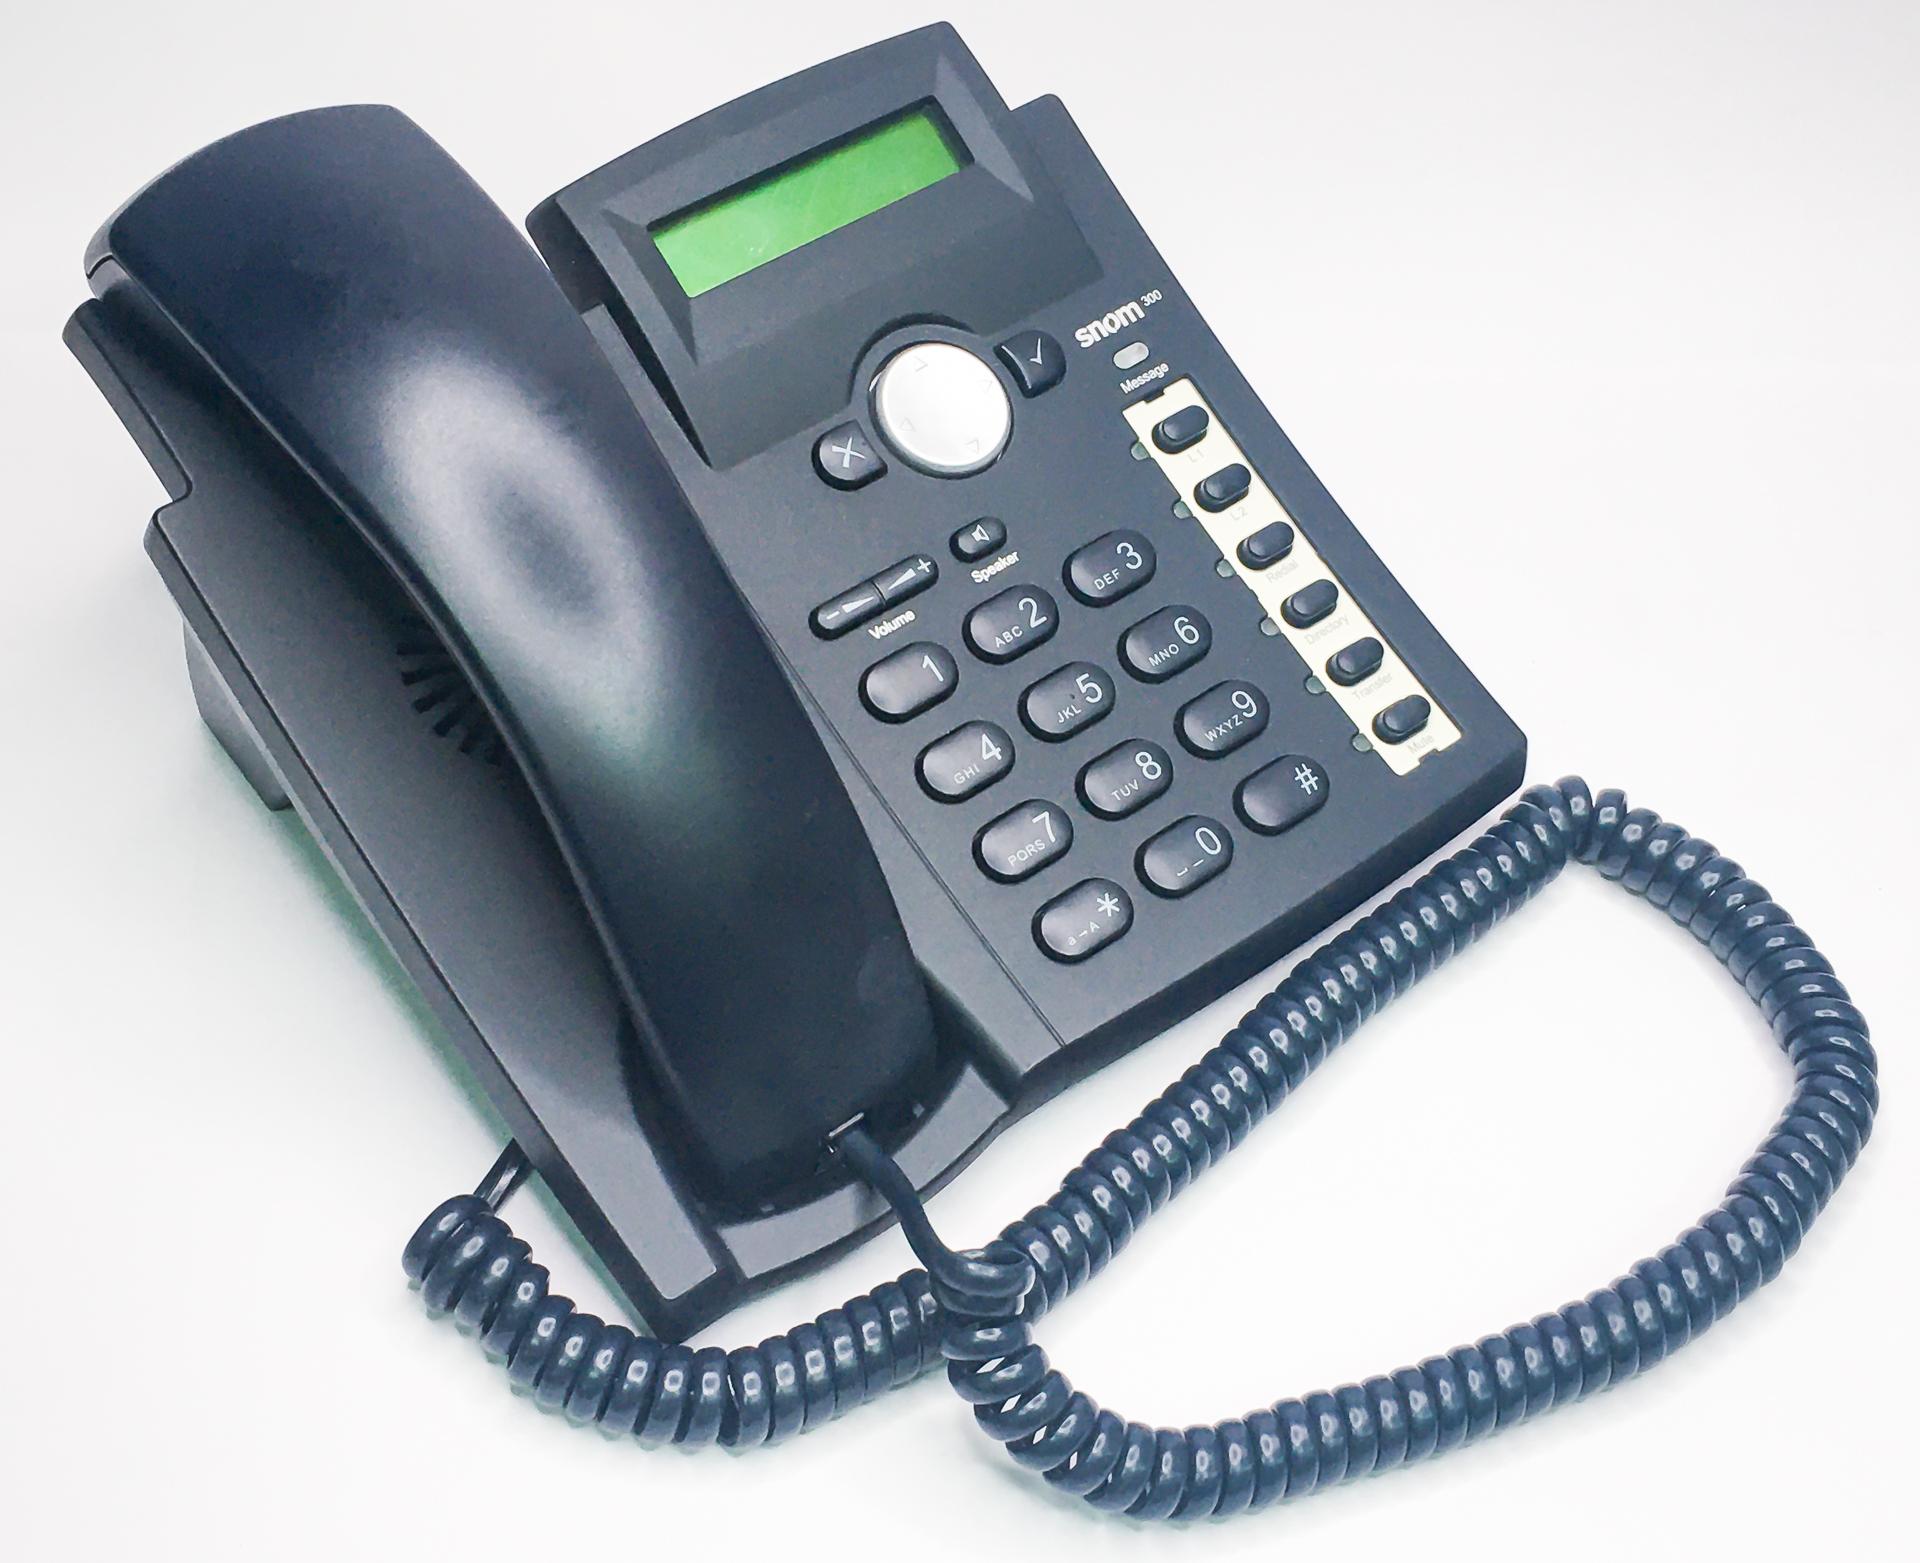 VoIP 實體話機設定簡介 (以snom 300 VoIP商用話機為例)